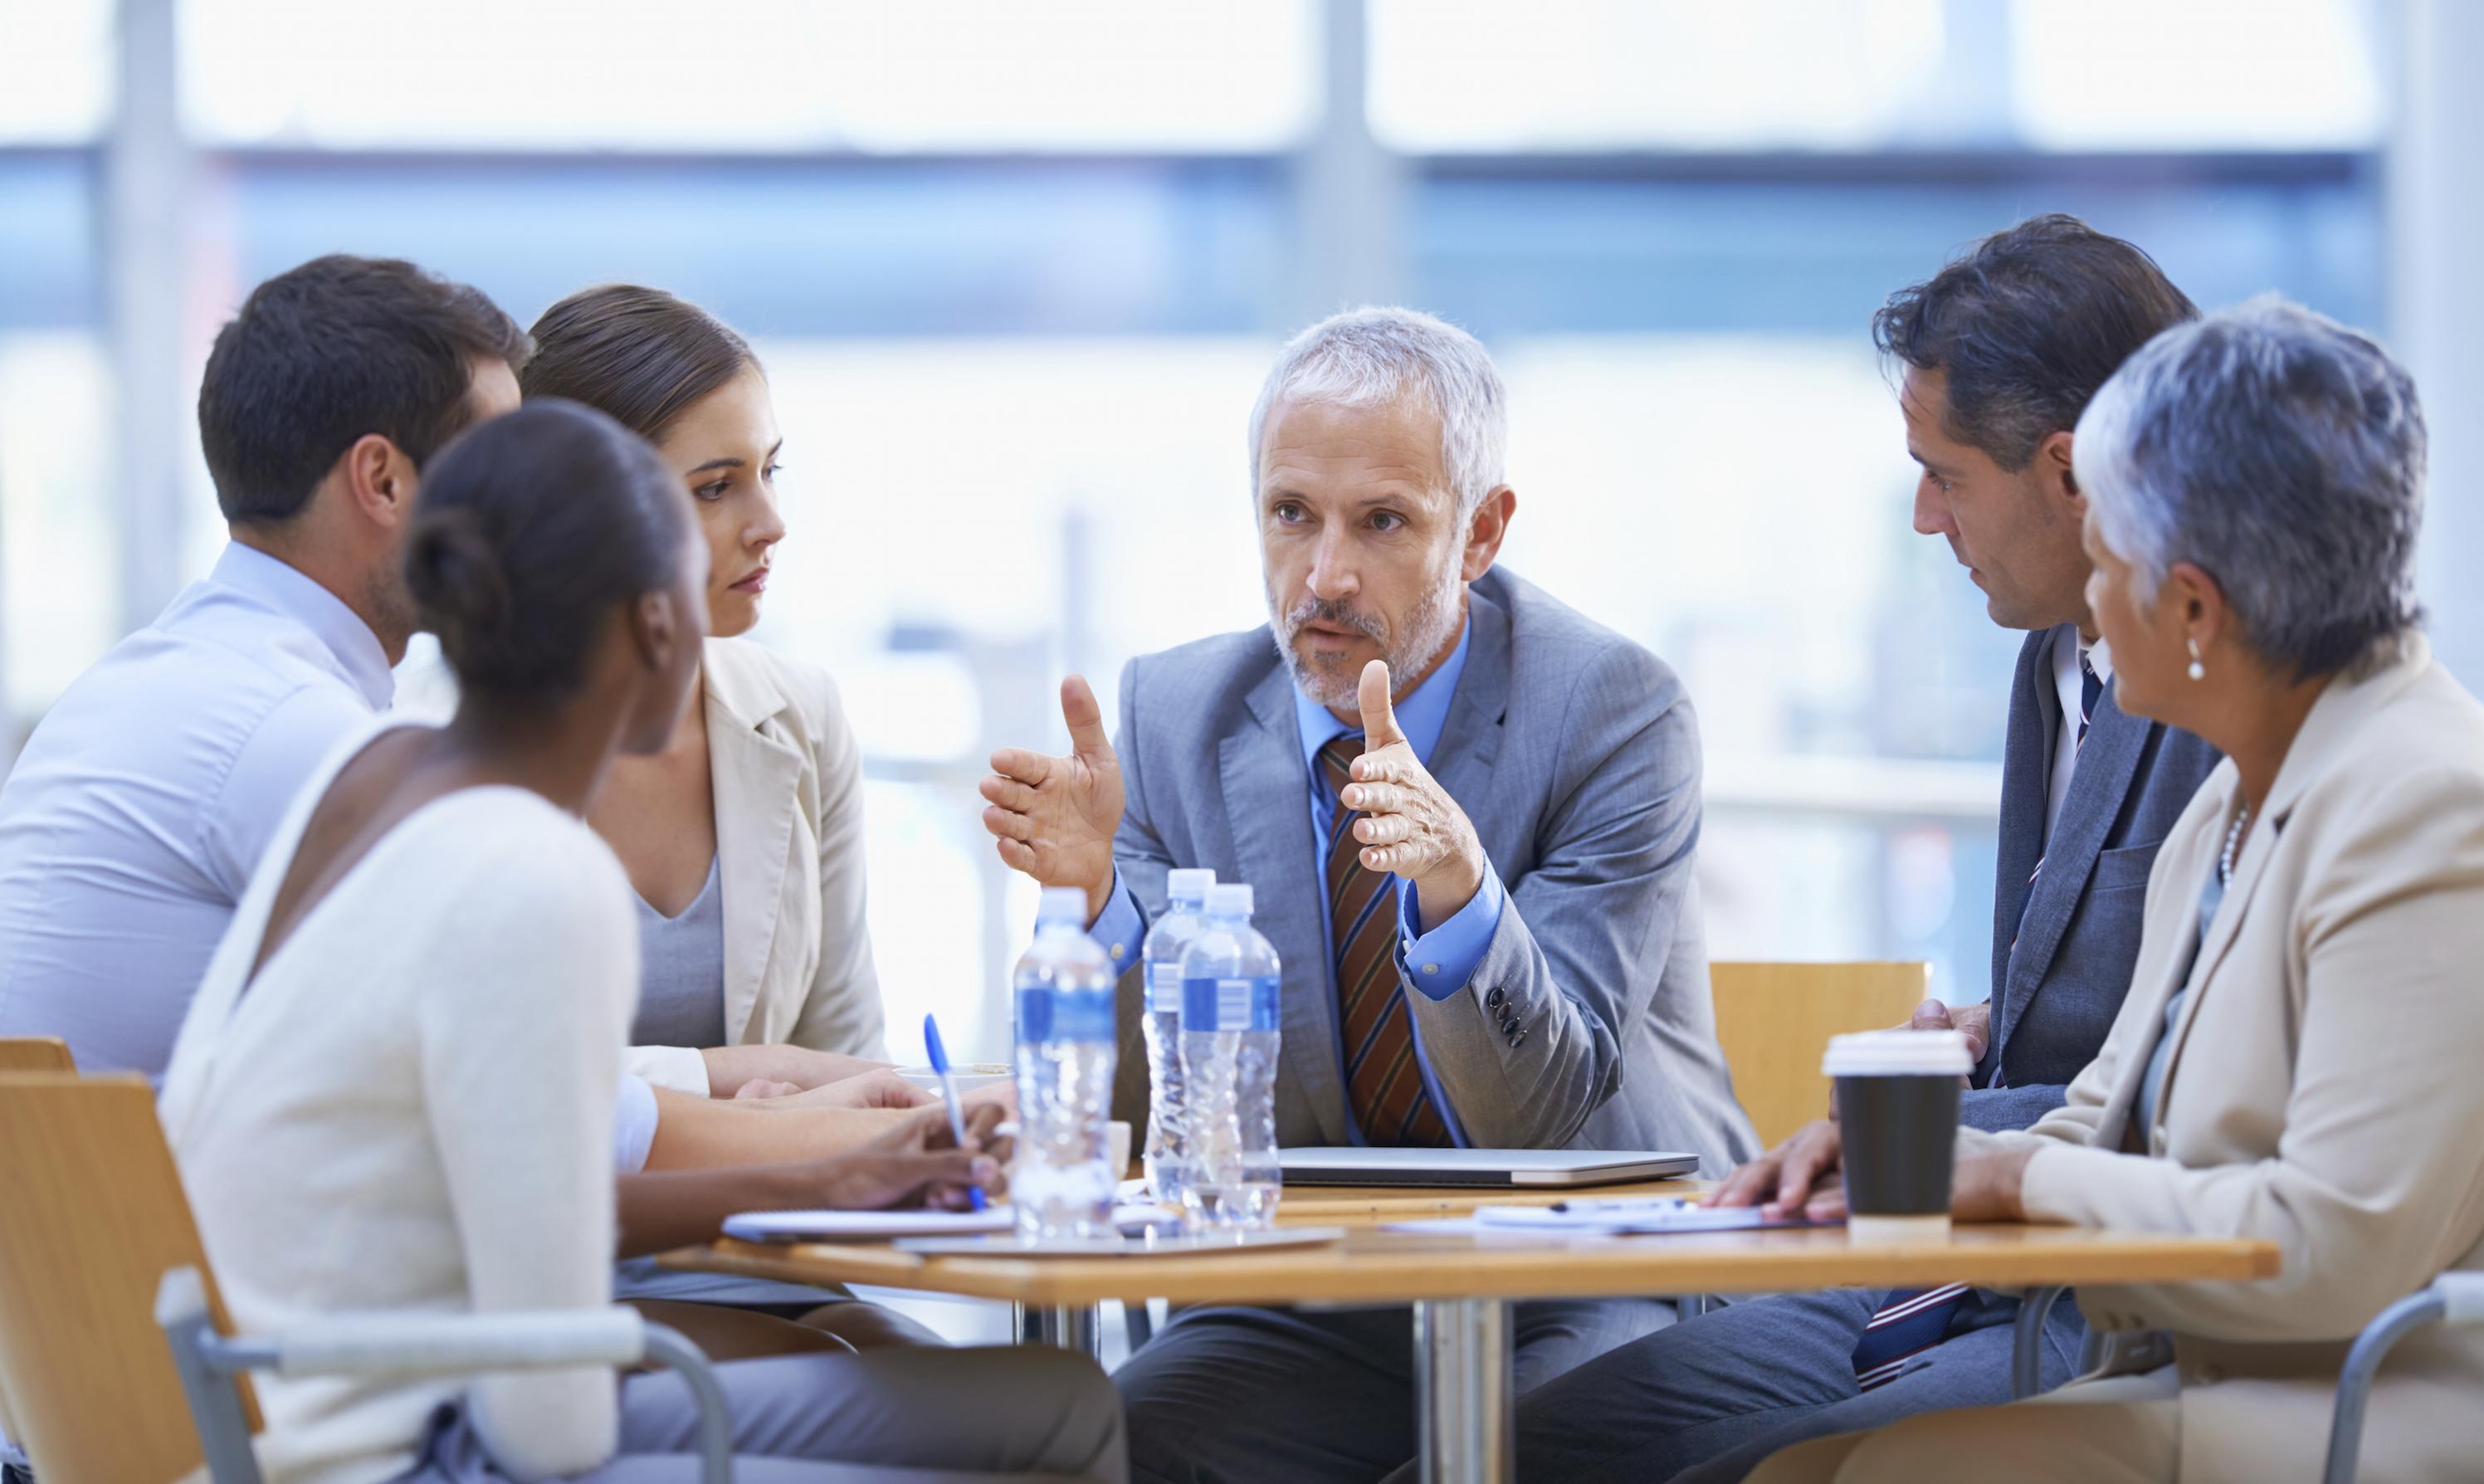 Conheça 6 pontos que influenciam os negócios na área da saúde